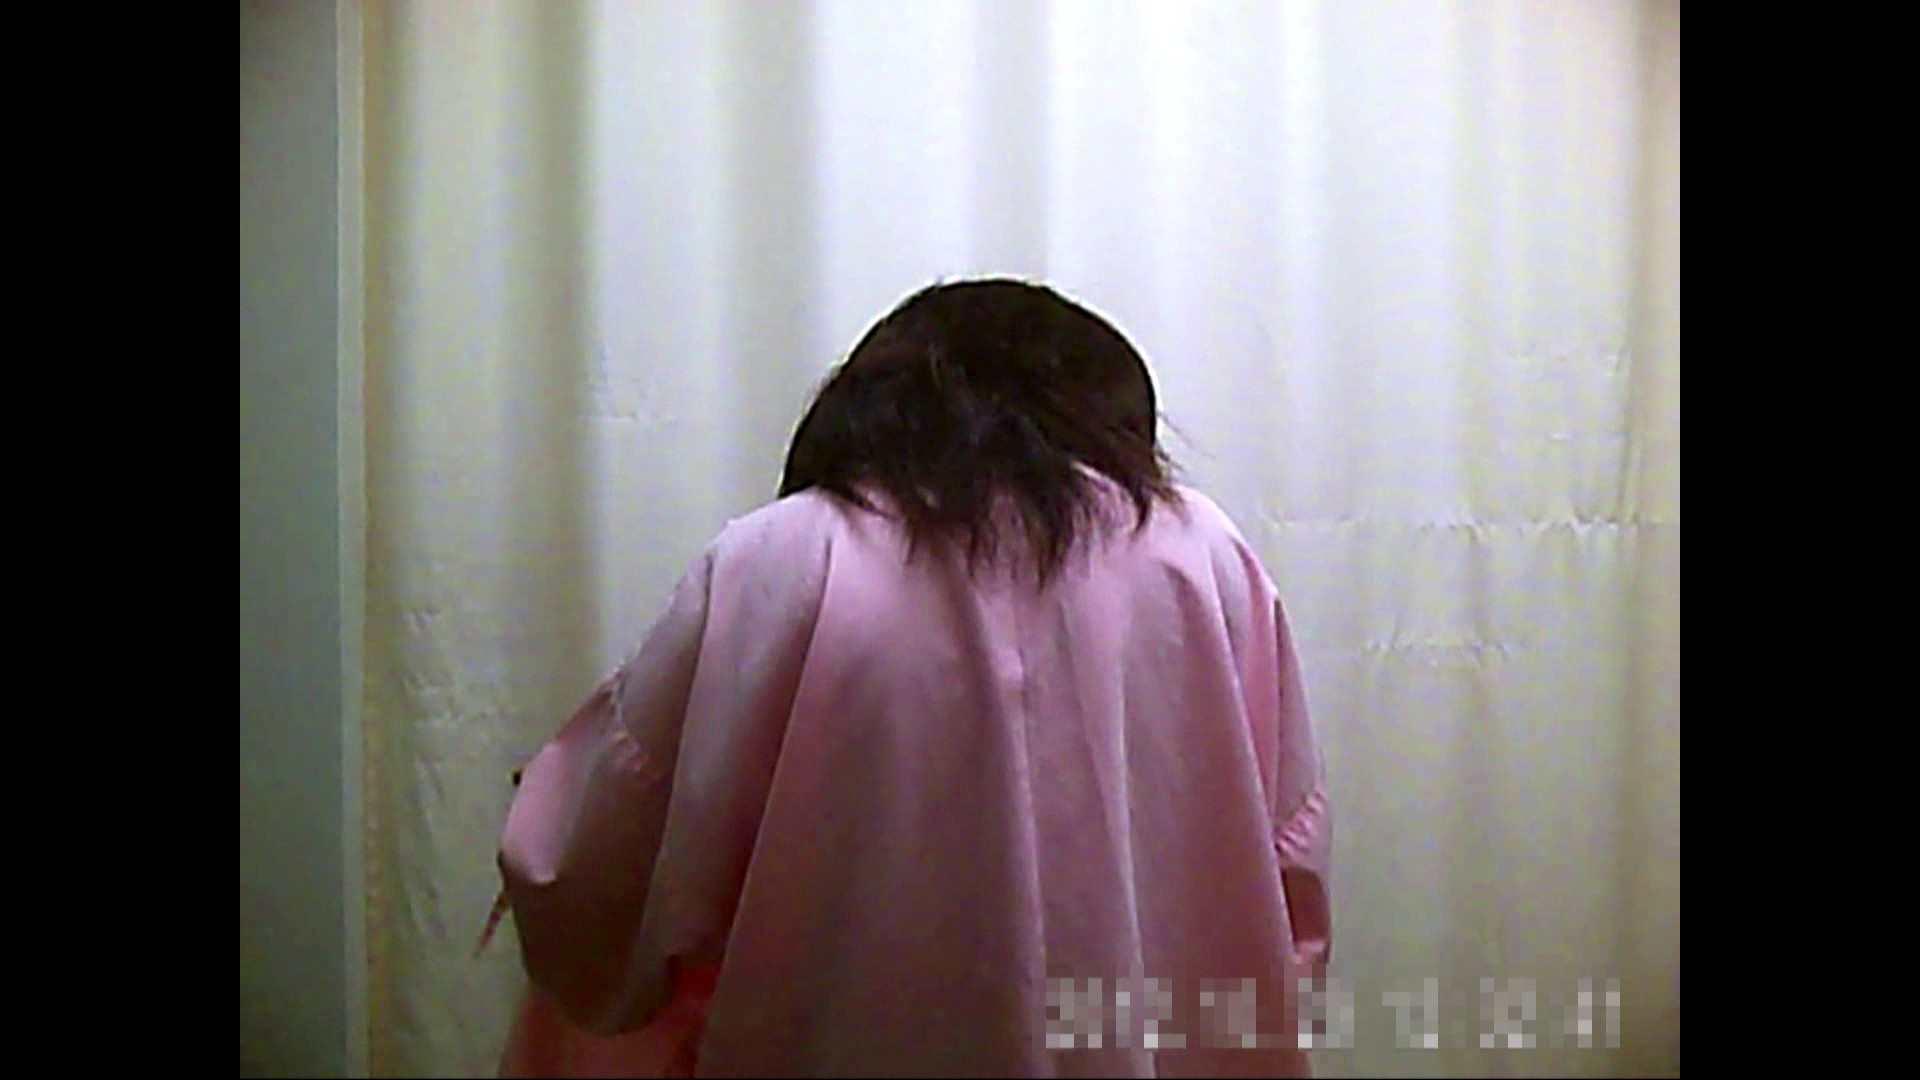 病院おもいっきり着替え! vol.222 貧乳 オマンコ無修正動画無料 71pic 48